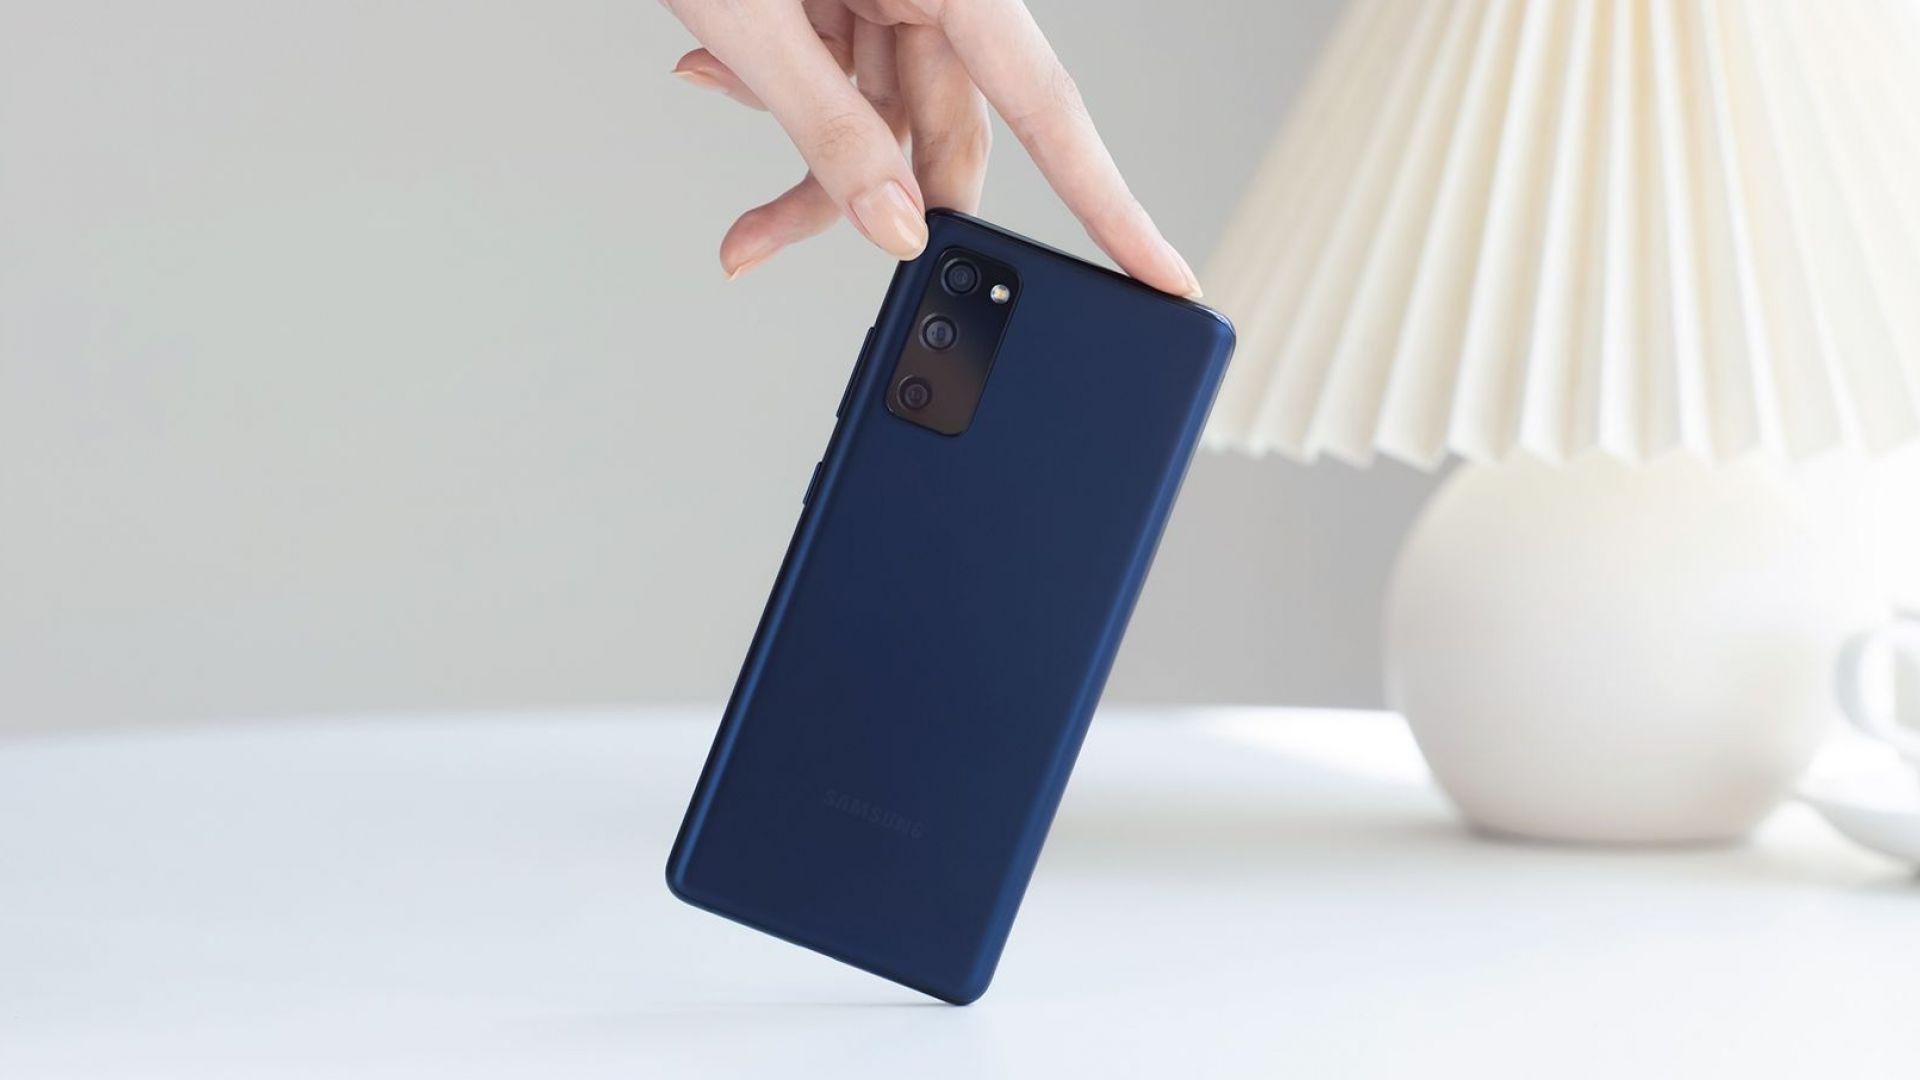 Коледните смартфон предложения на Samsung и Теленор